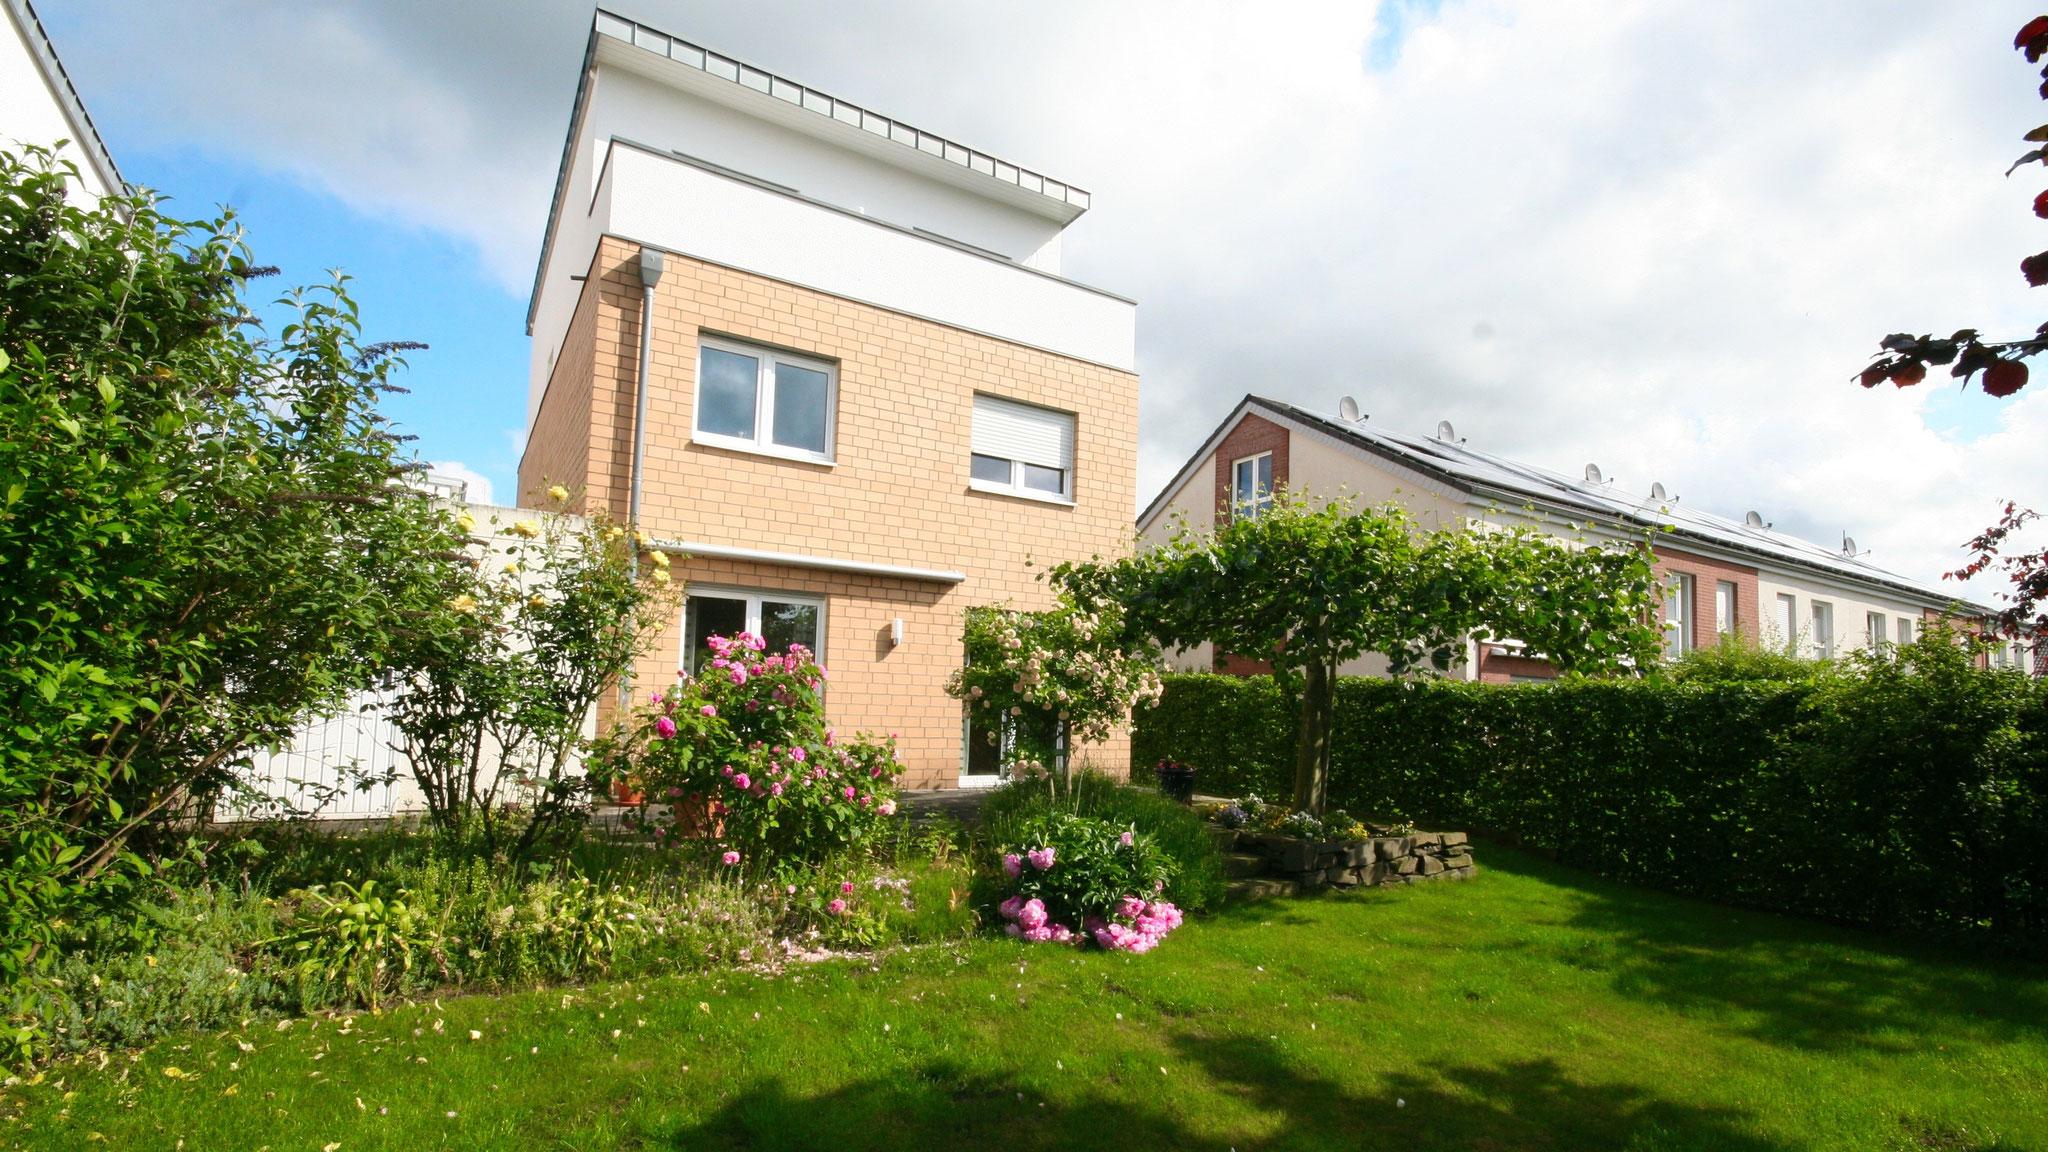 Einfamilienhaus im Königsdorfer Atrium - verkauft in der 2. Besichtigung